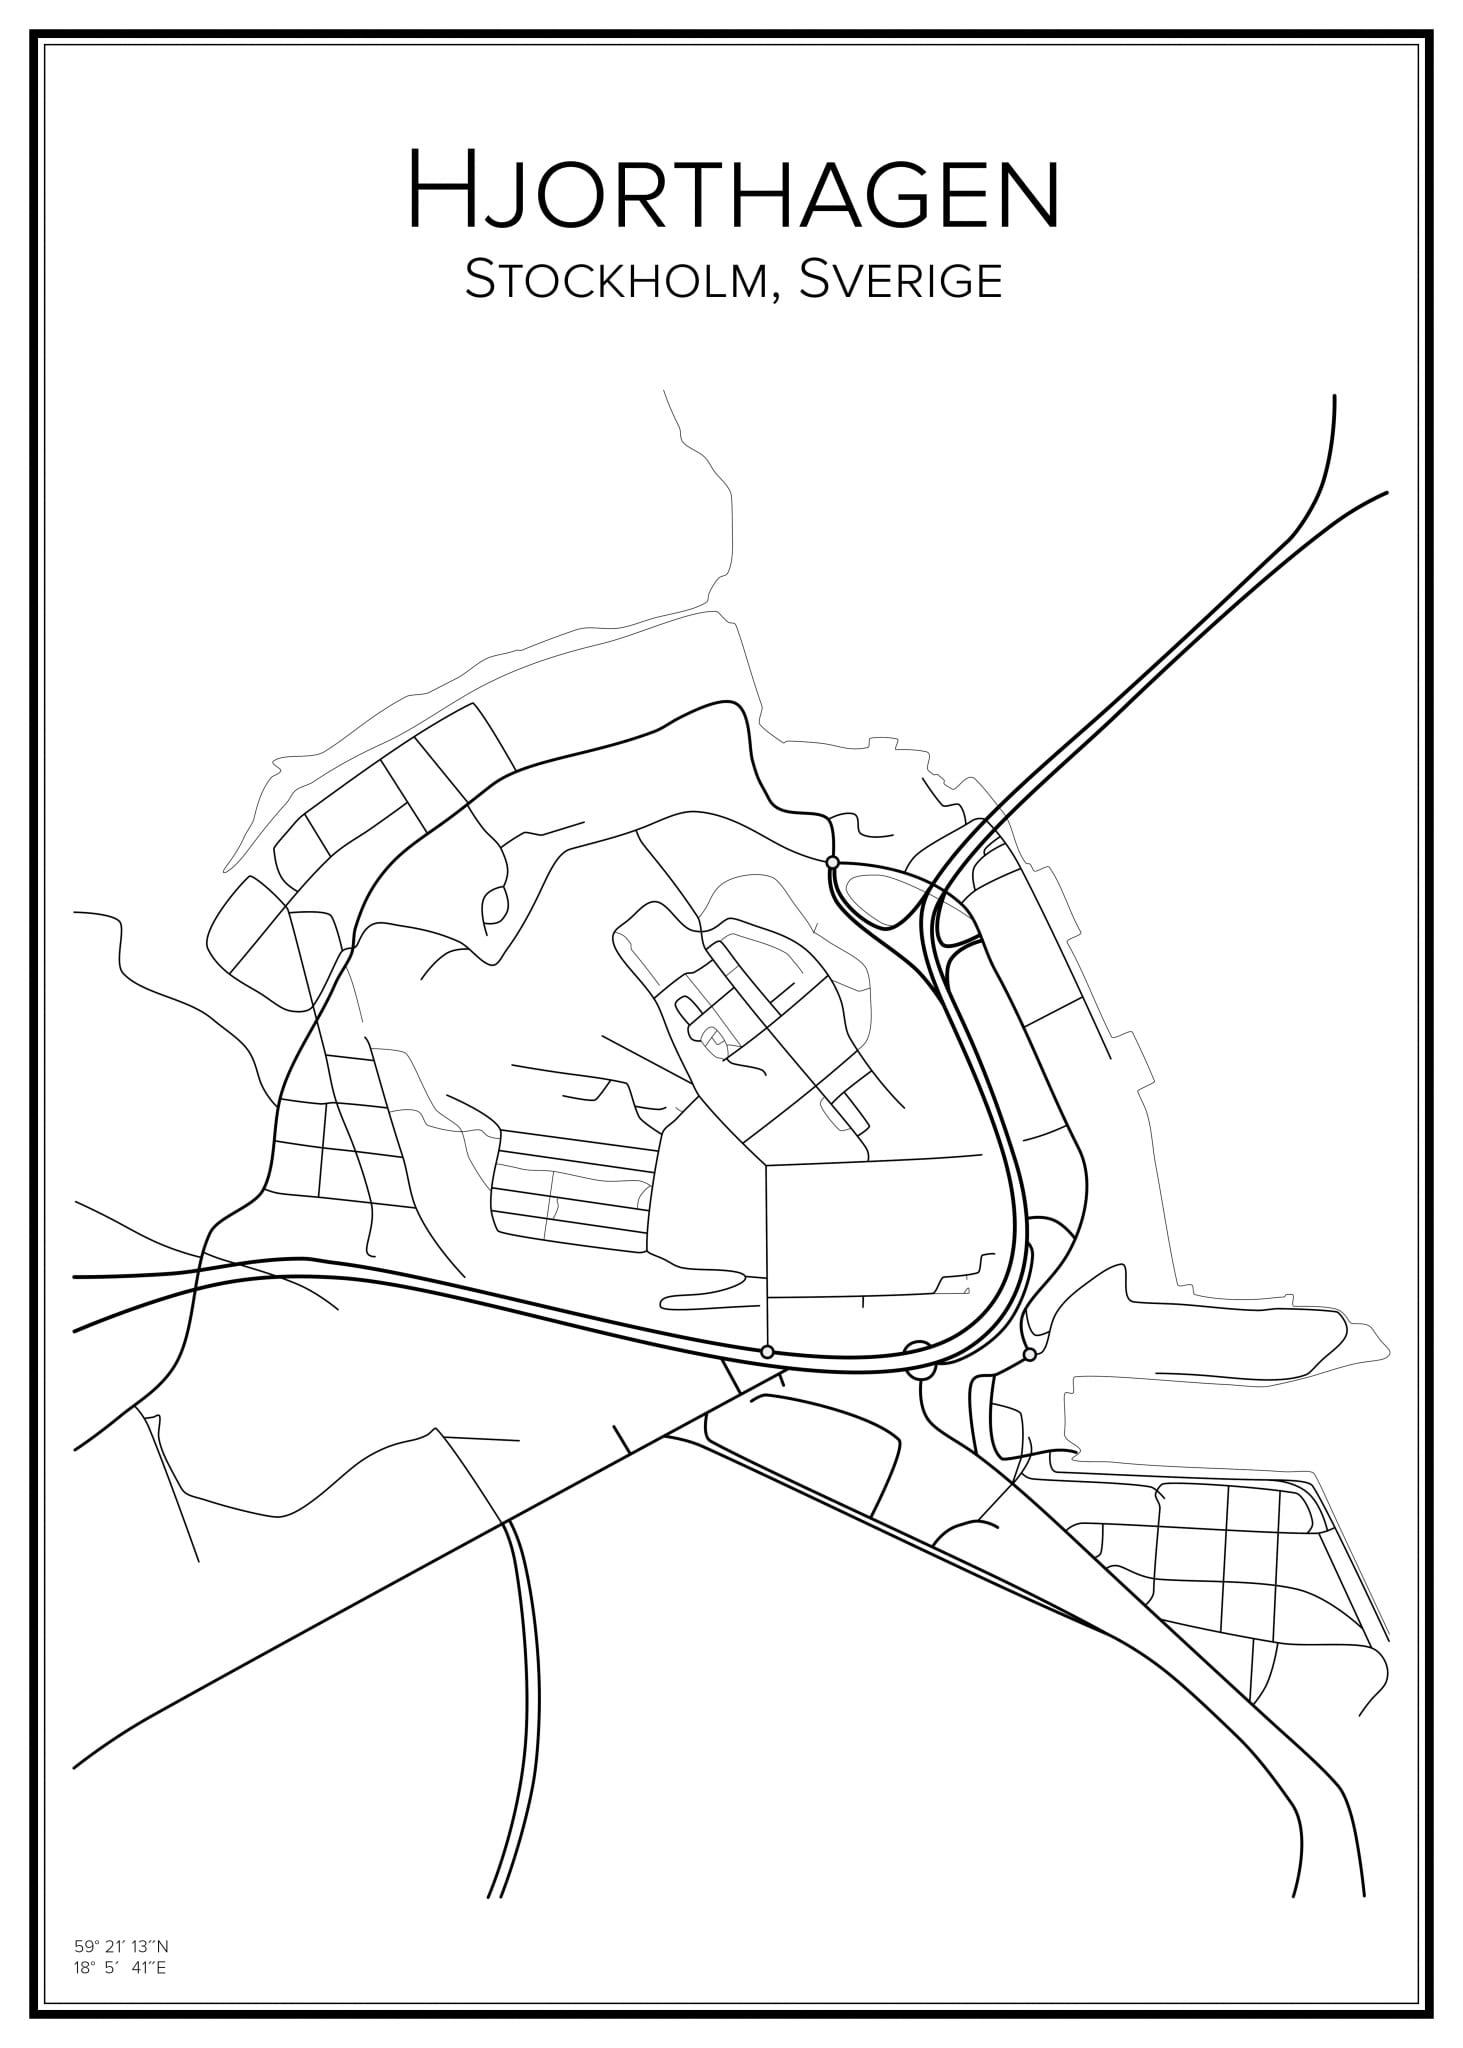 Stadskarta över Hjorthagen